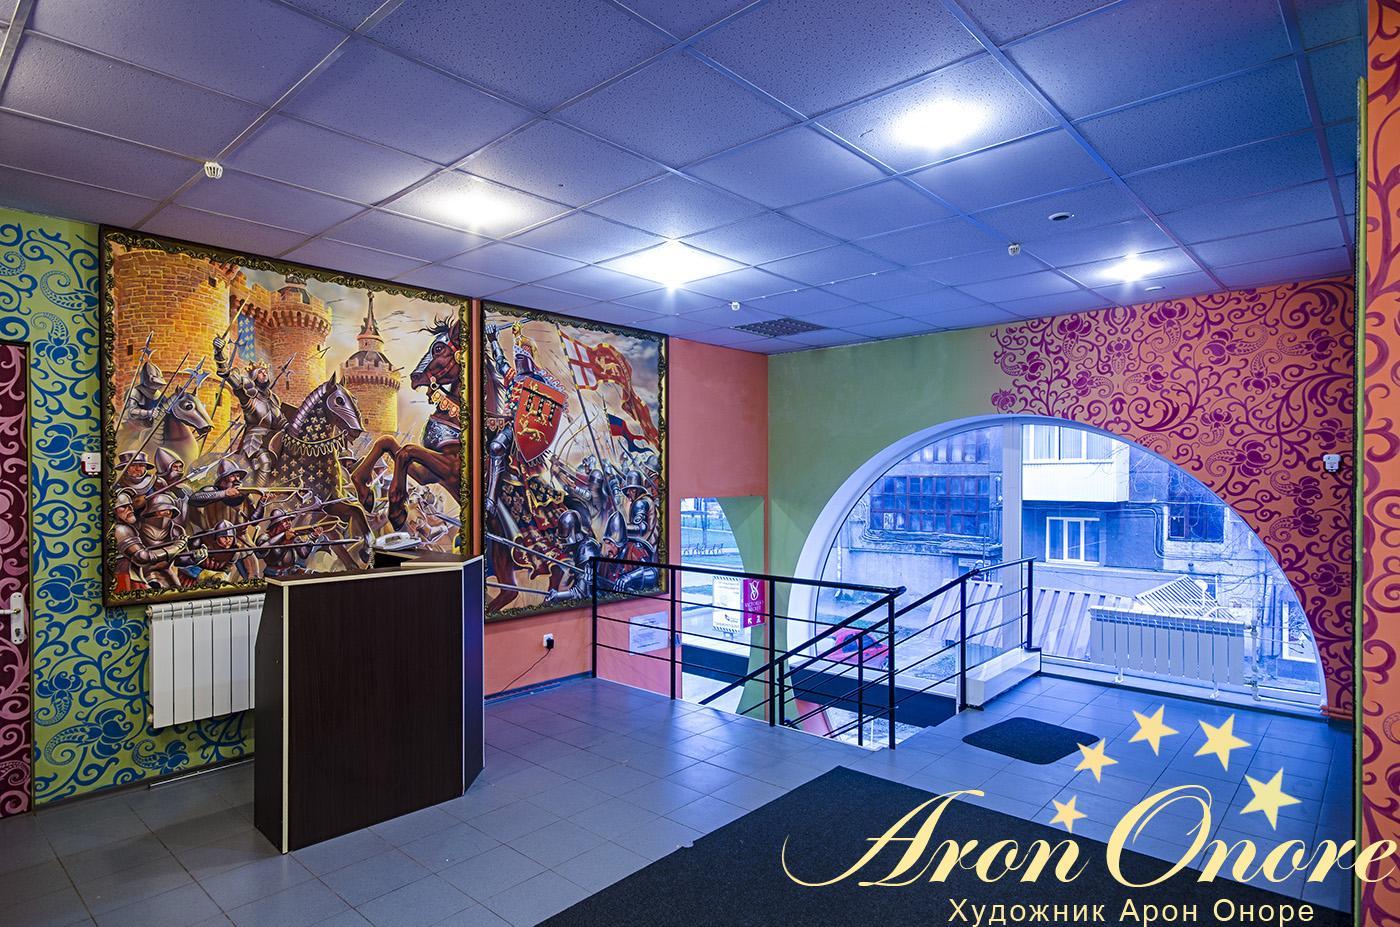 Уникальные рисунки на стенах в студии аэрографии Aron onore